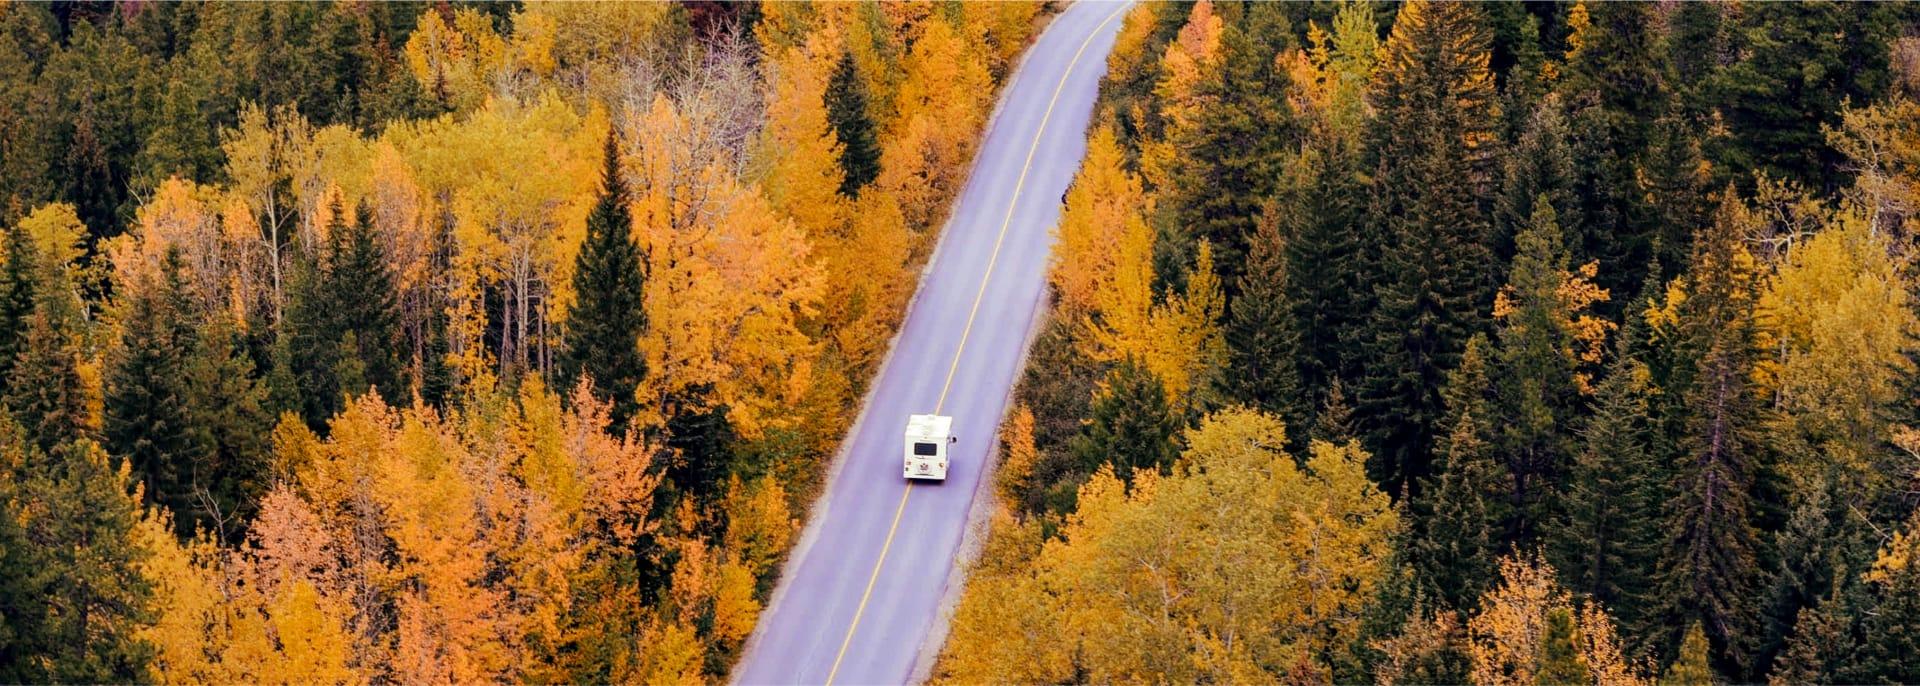 Bird's-eye view of an autumn road